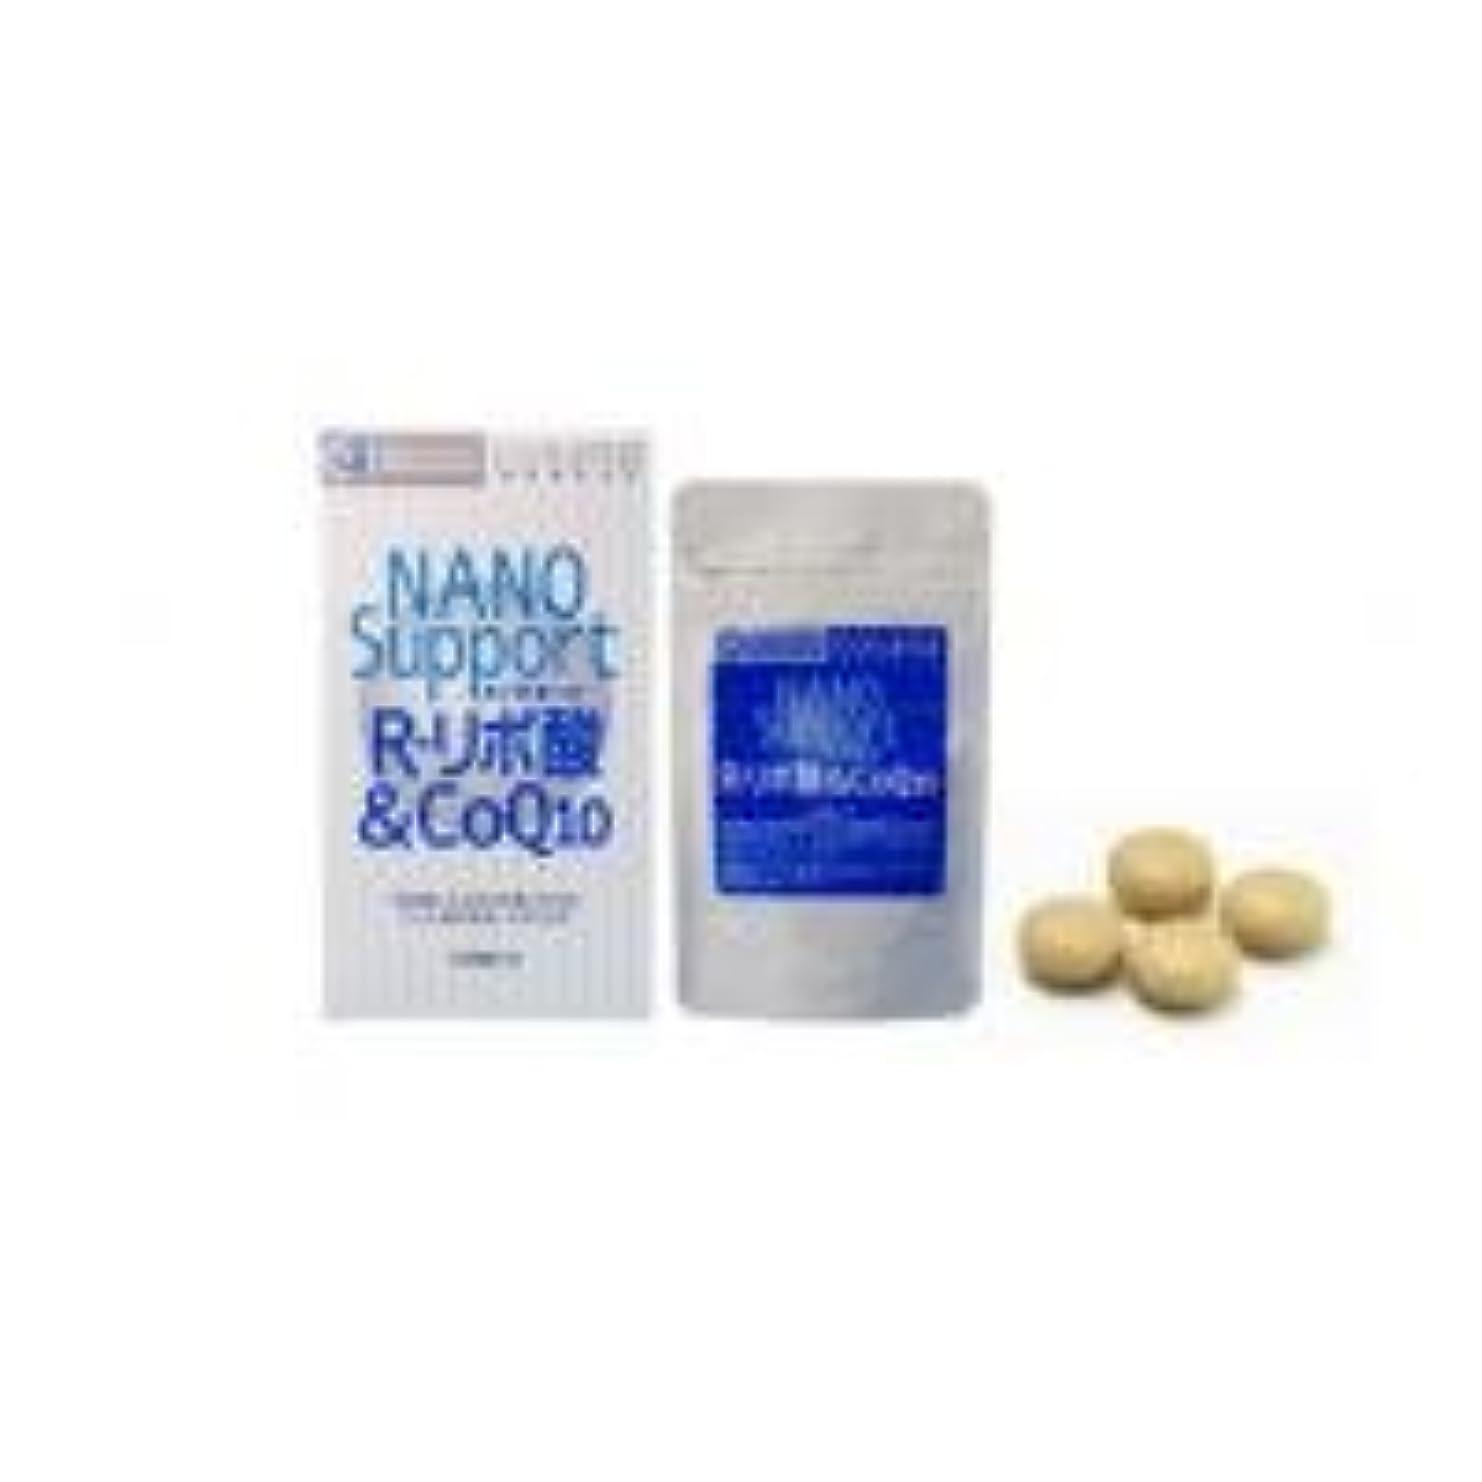 腹部十代菊ナノサポートR-リポ酸&CoQ10